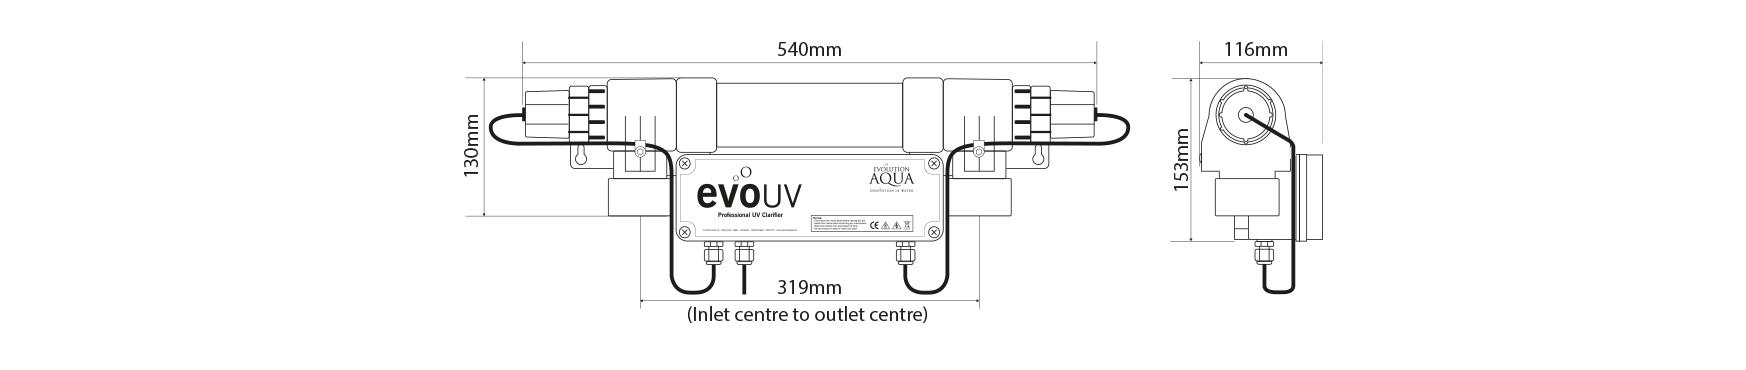 evo15 and evo25 Dimensions